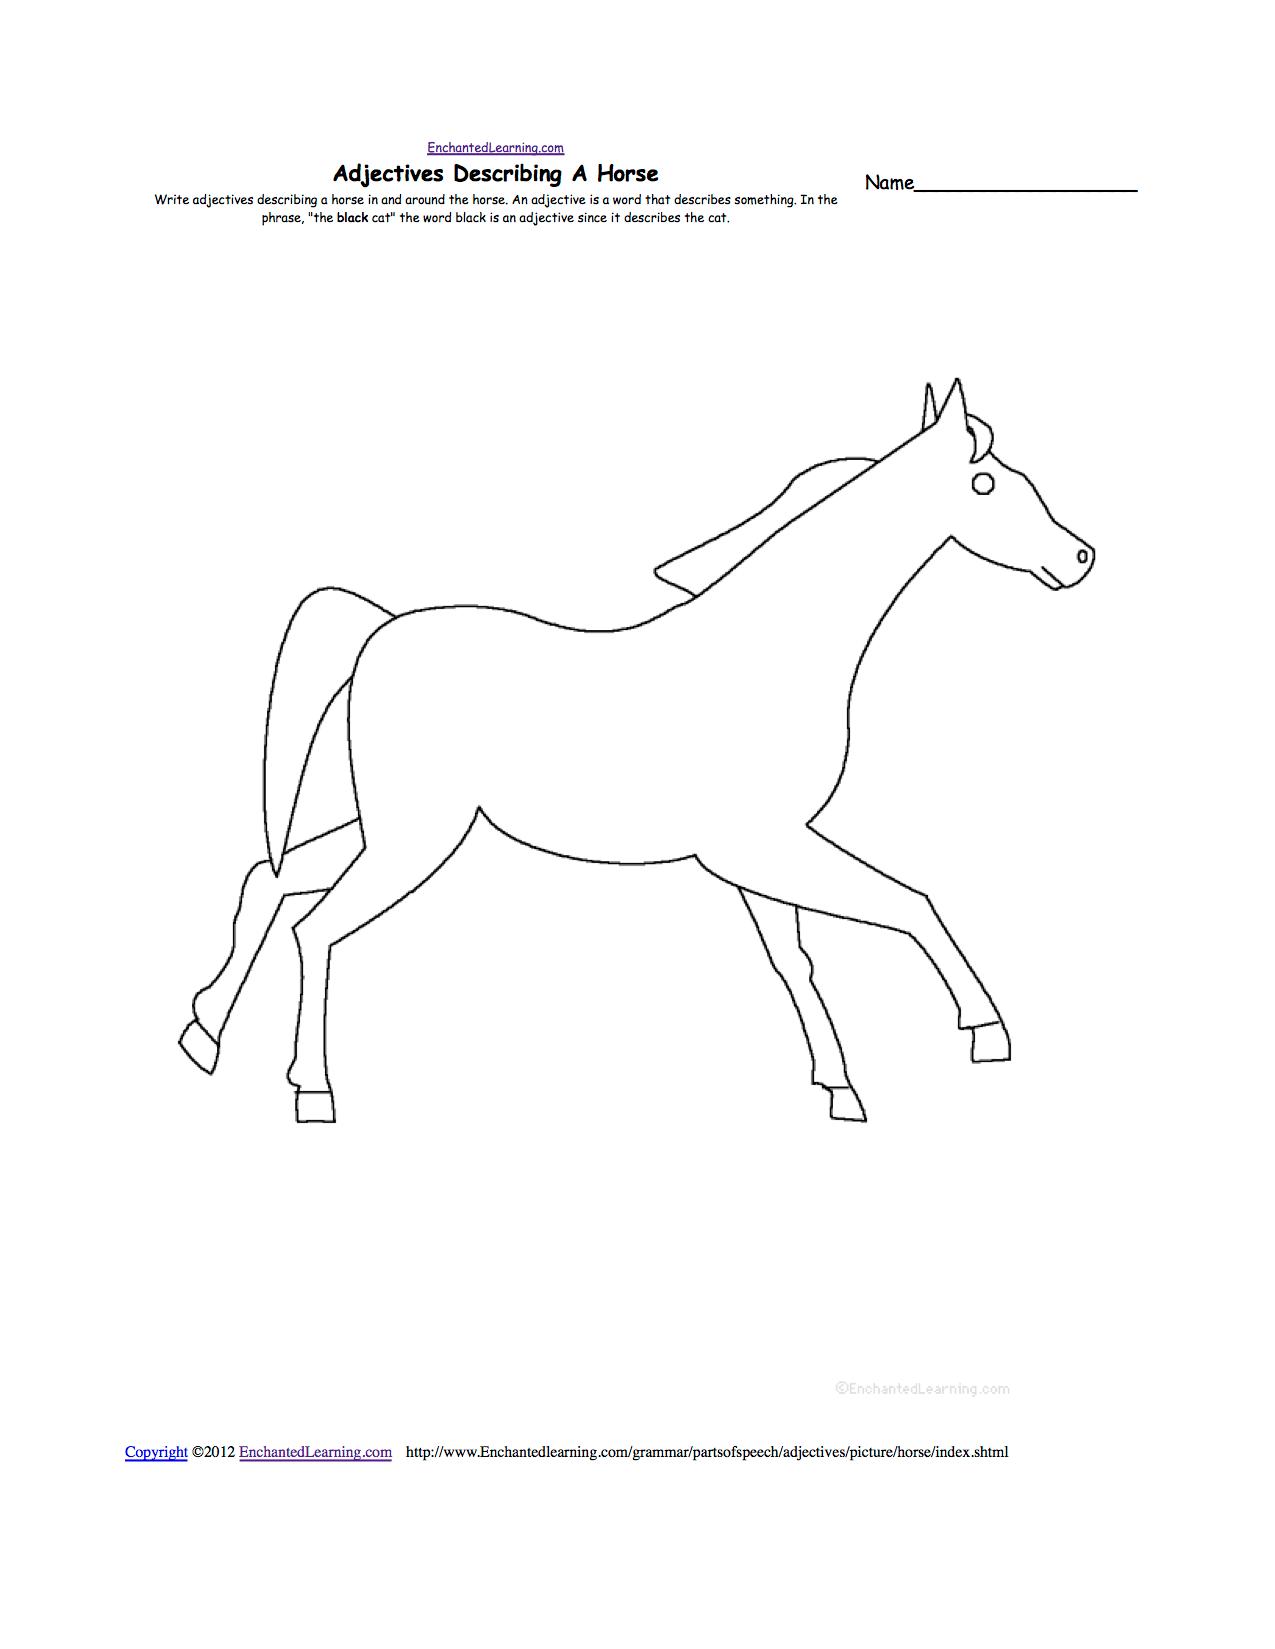 Horses At Enchantedlearning